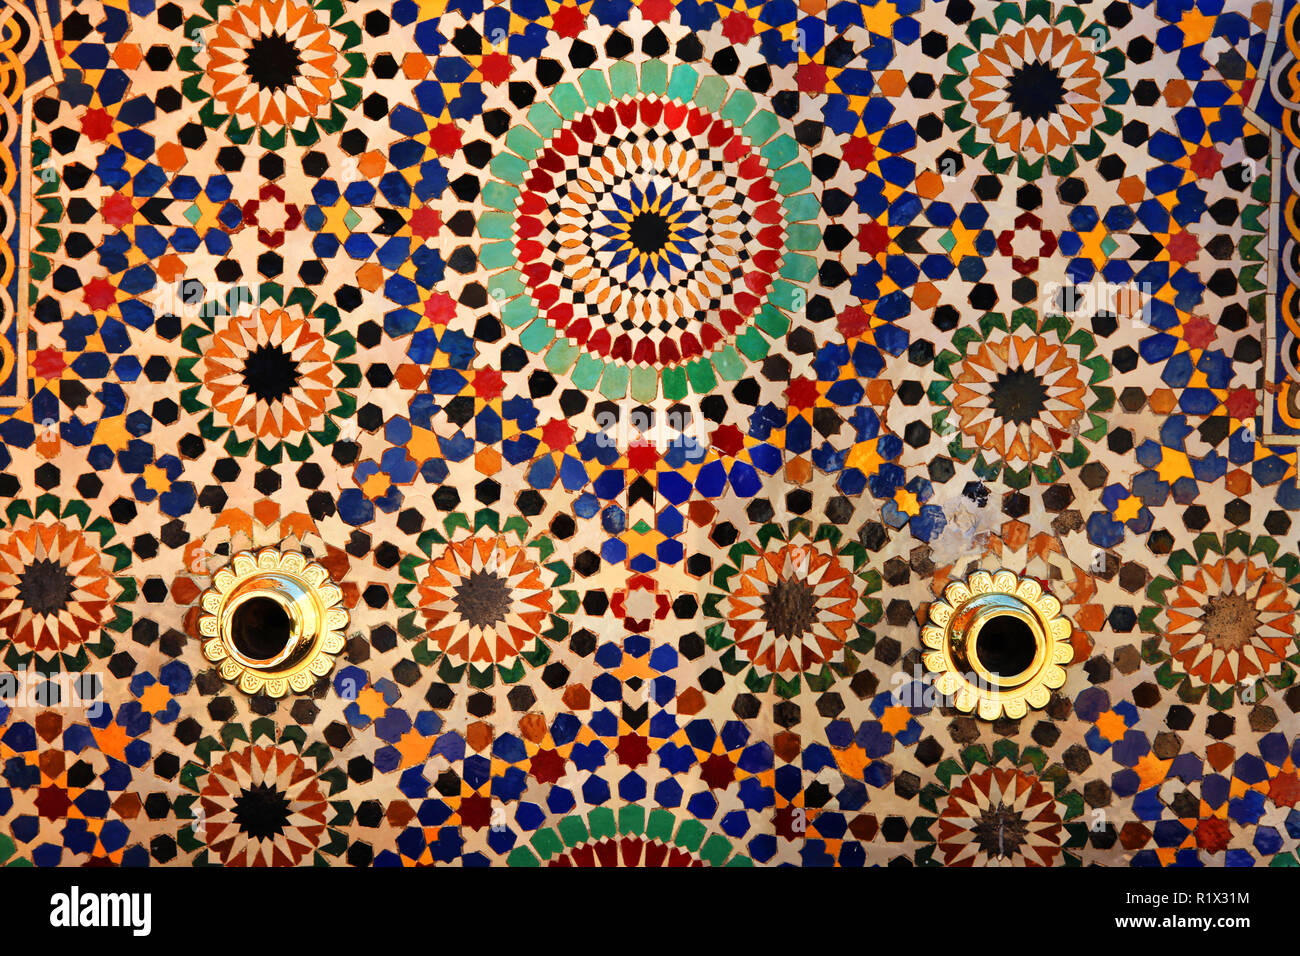 Piastrelle colorate del mausoleo di mohammed v rabat marocco foto